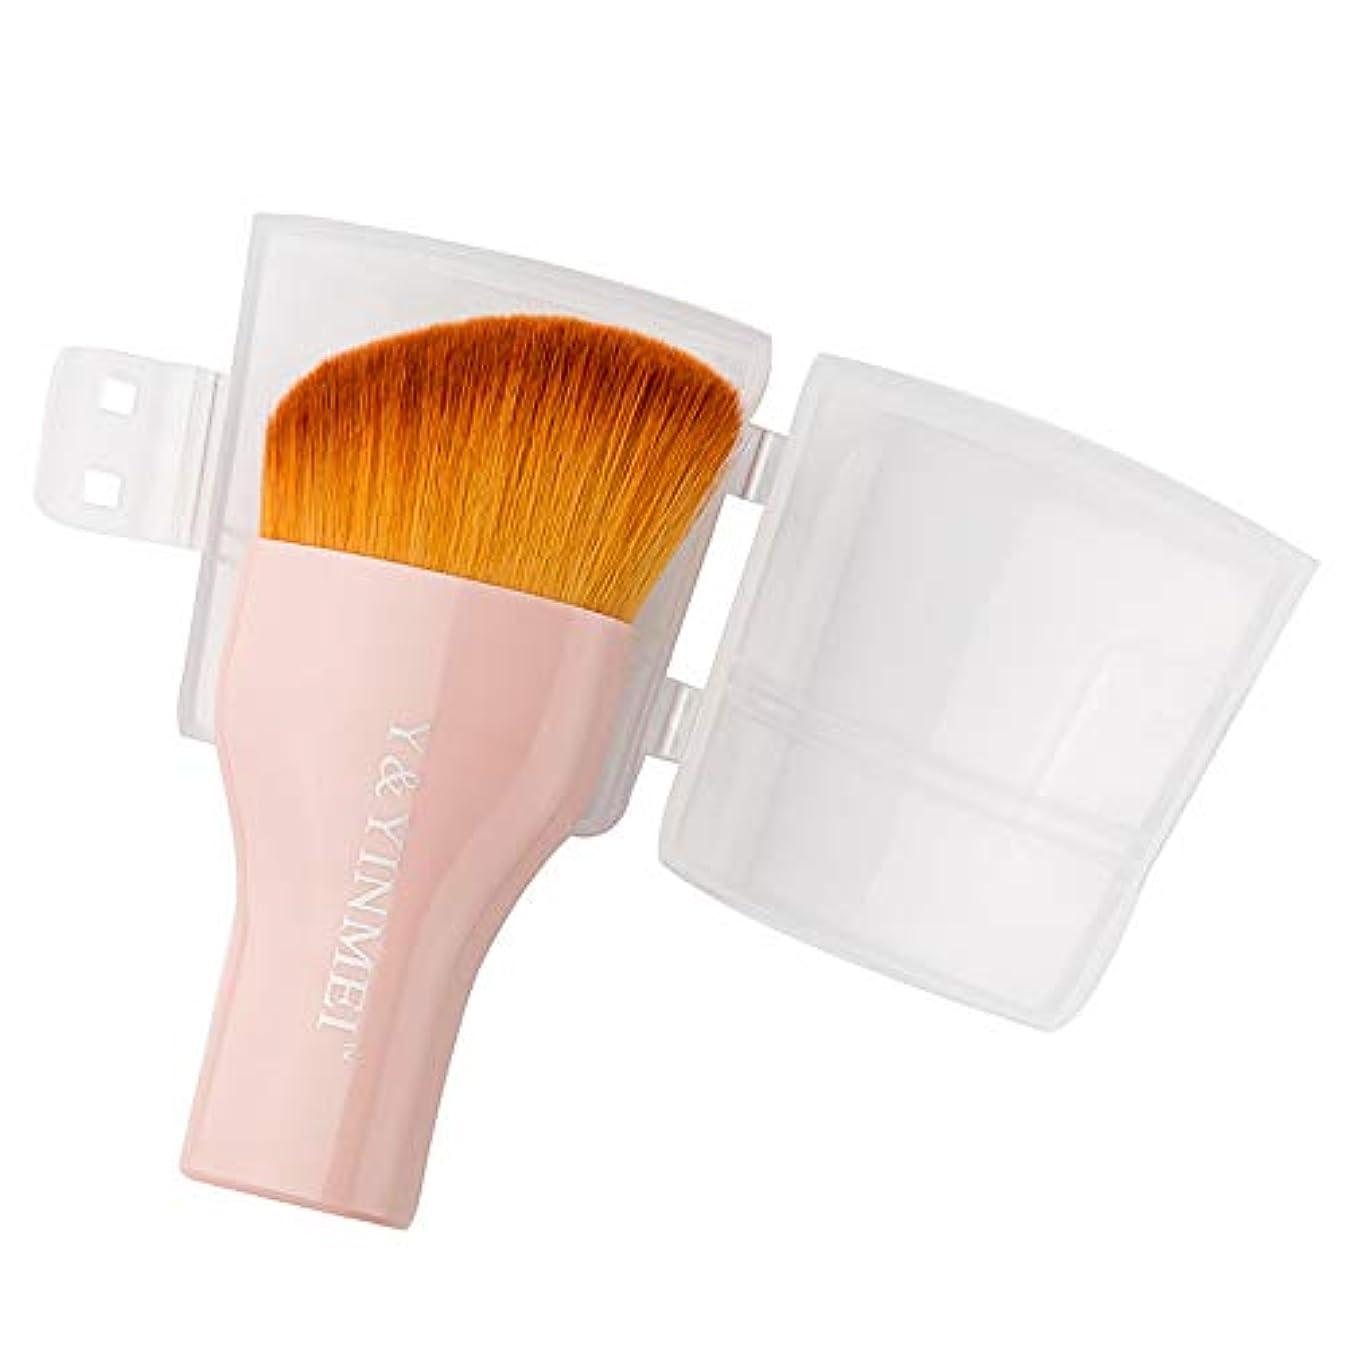 プランタートリム以降メイクブラシ 化粧ブラシ ファンデーション 人気ブラシ BBクリームブラシ チークブラシ リキッドブラシ 携帯用 キャップ付き SNE-DJ